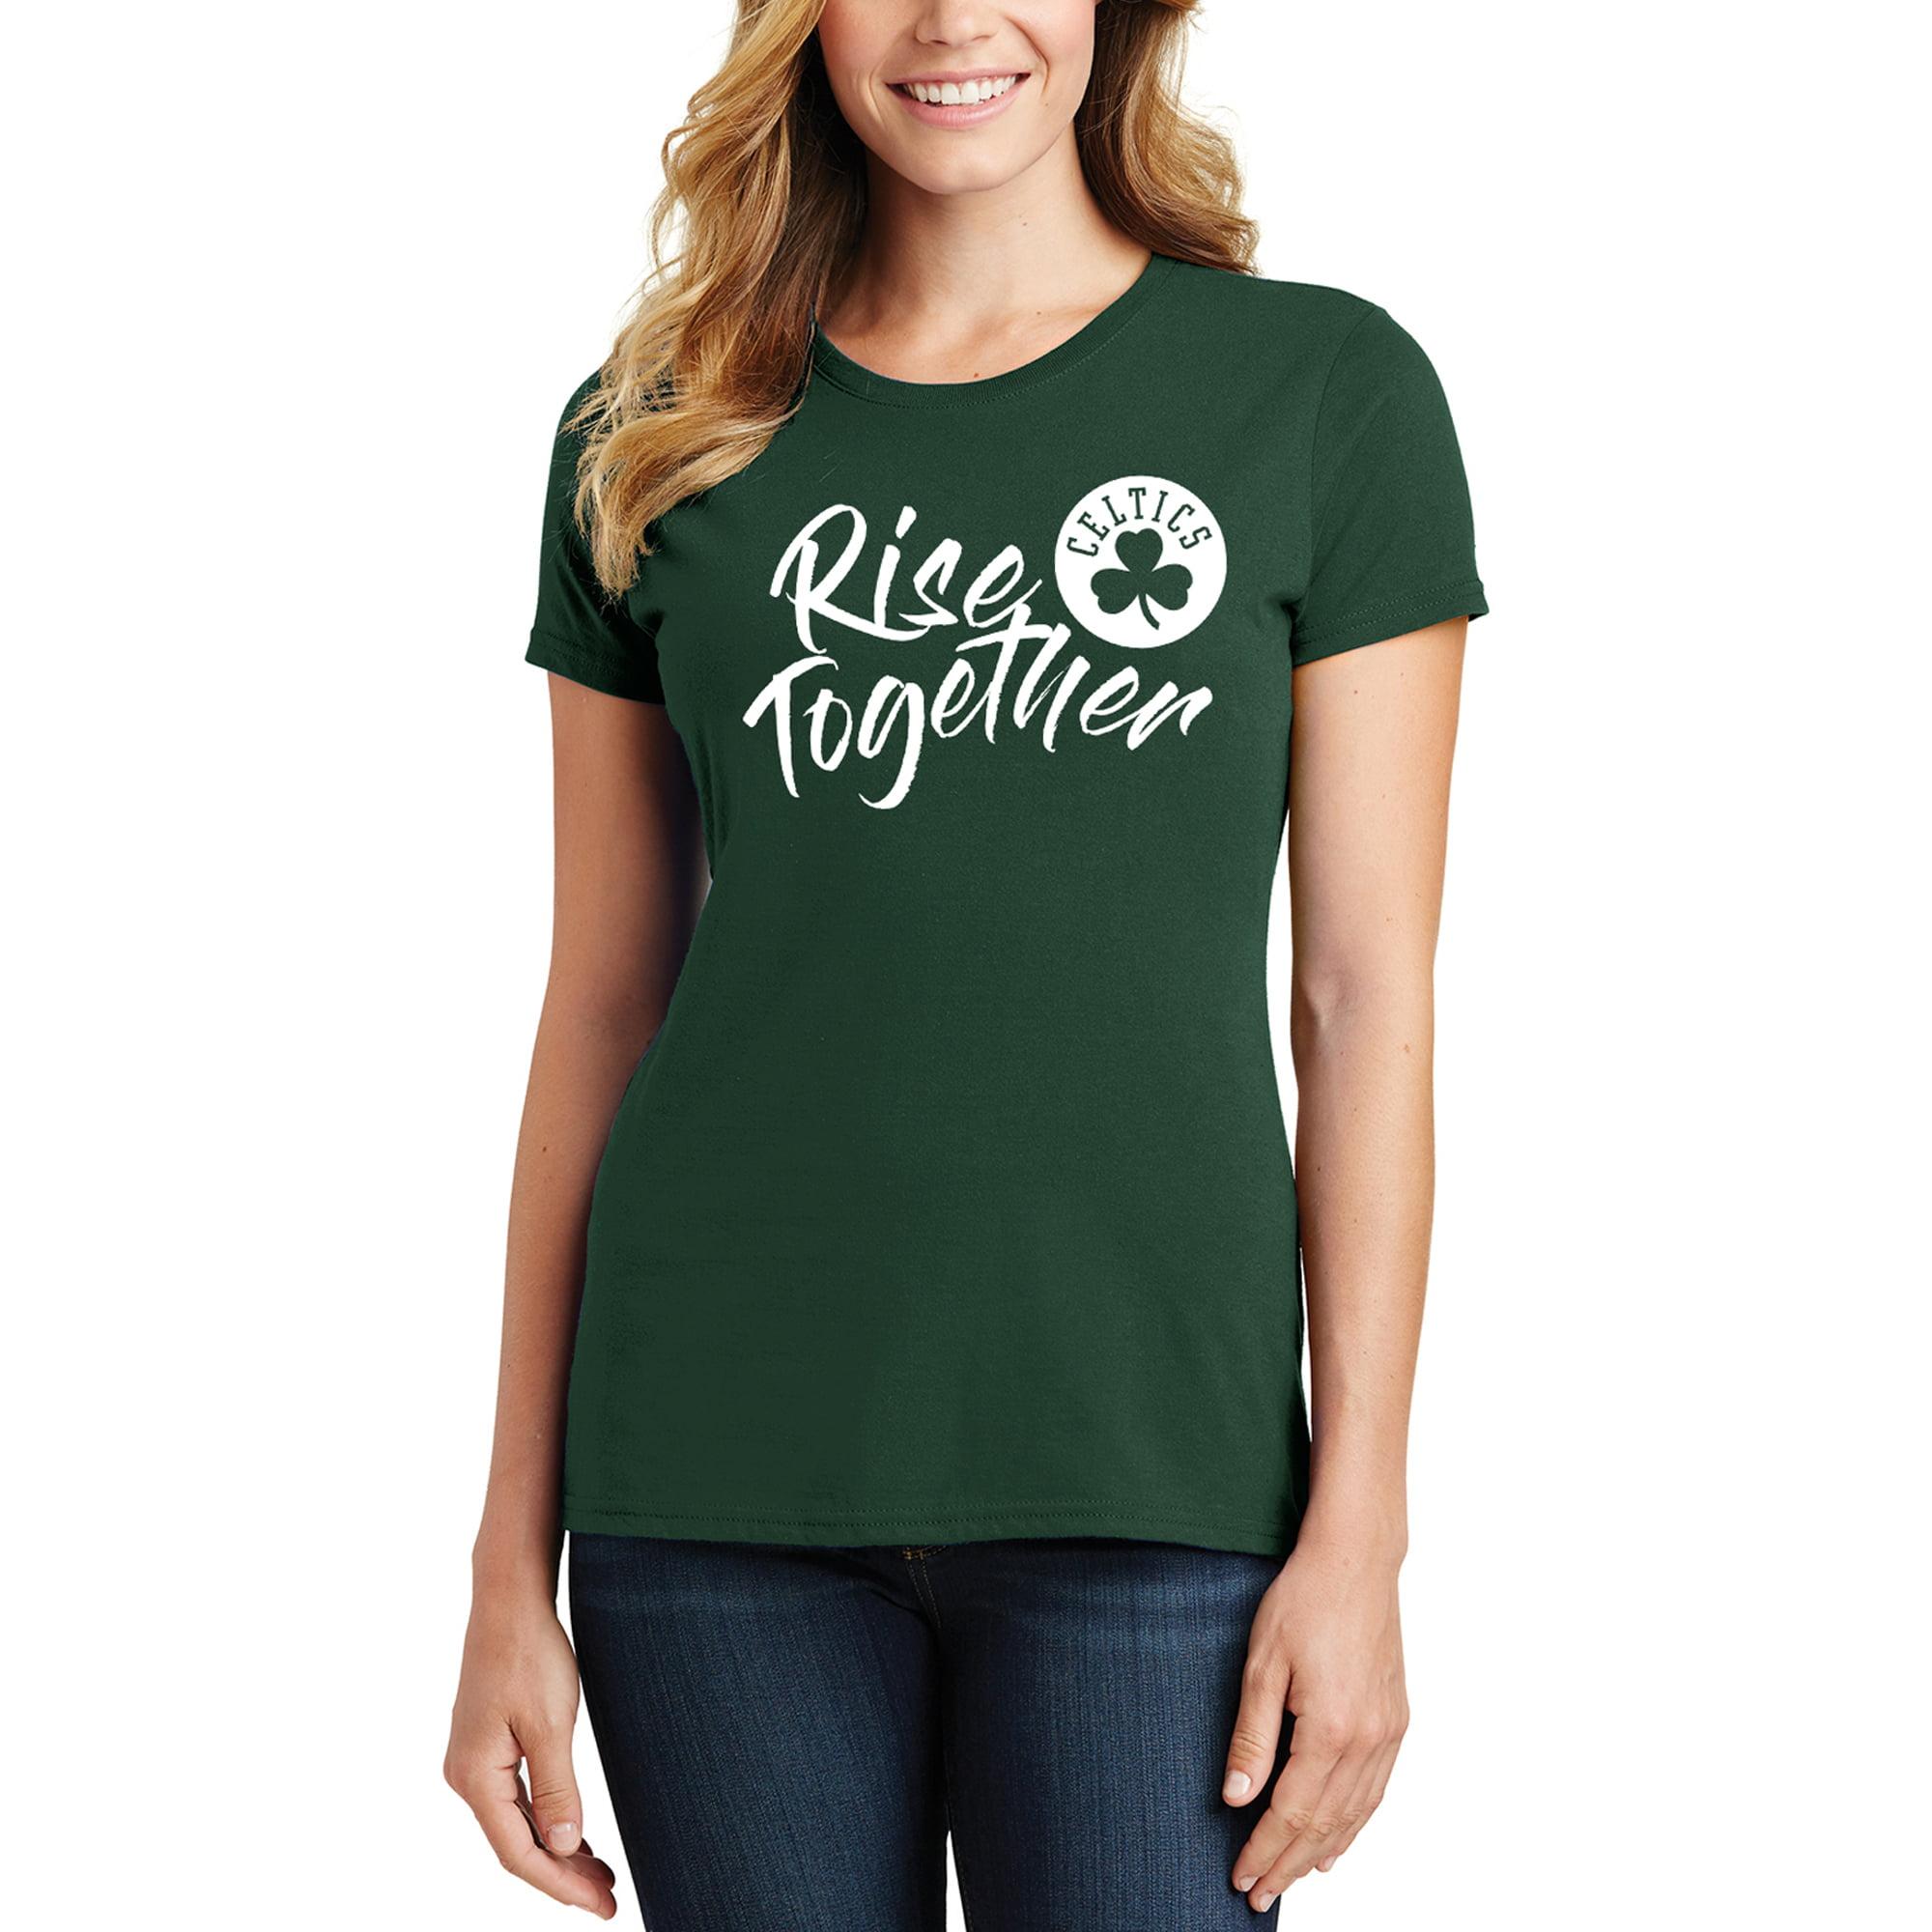 Boston Celtics Women's 2019 NBA Playoffs Bound Foil Applique T-Shirt - Green